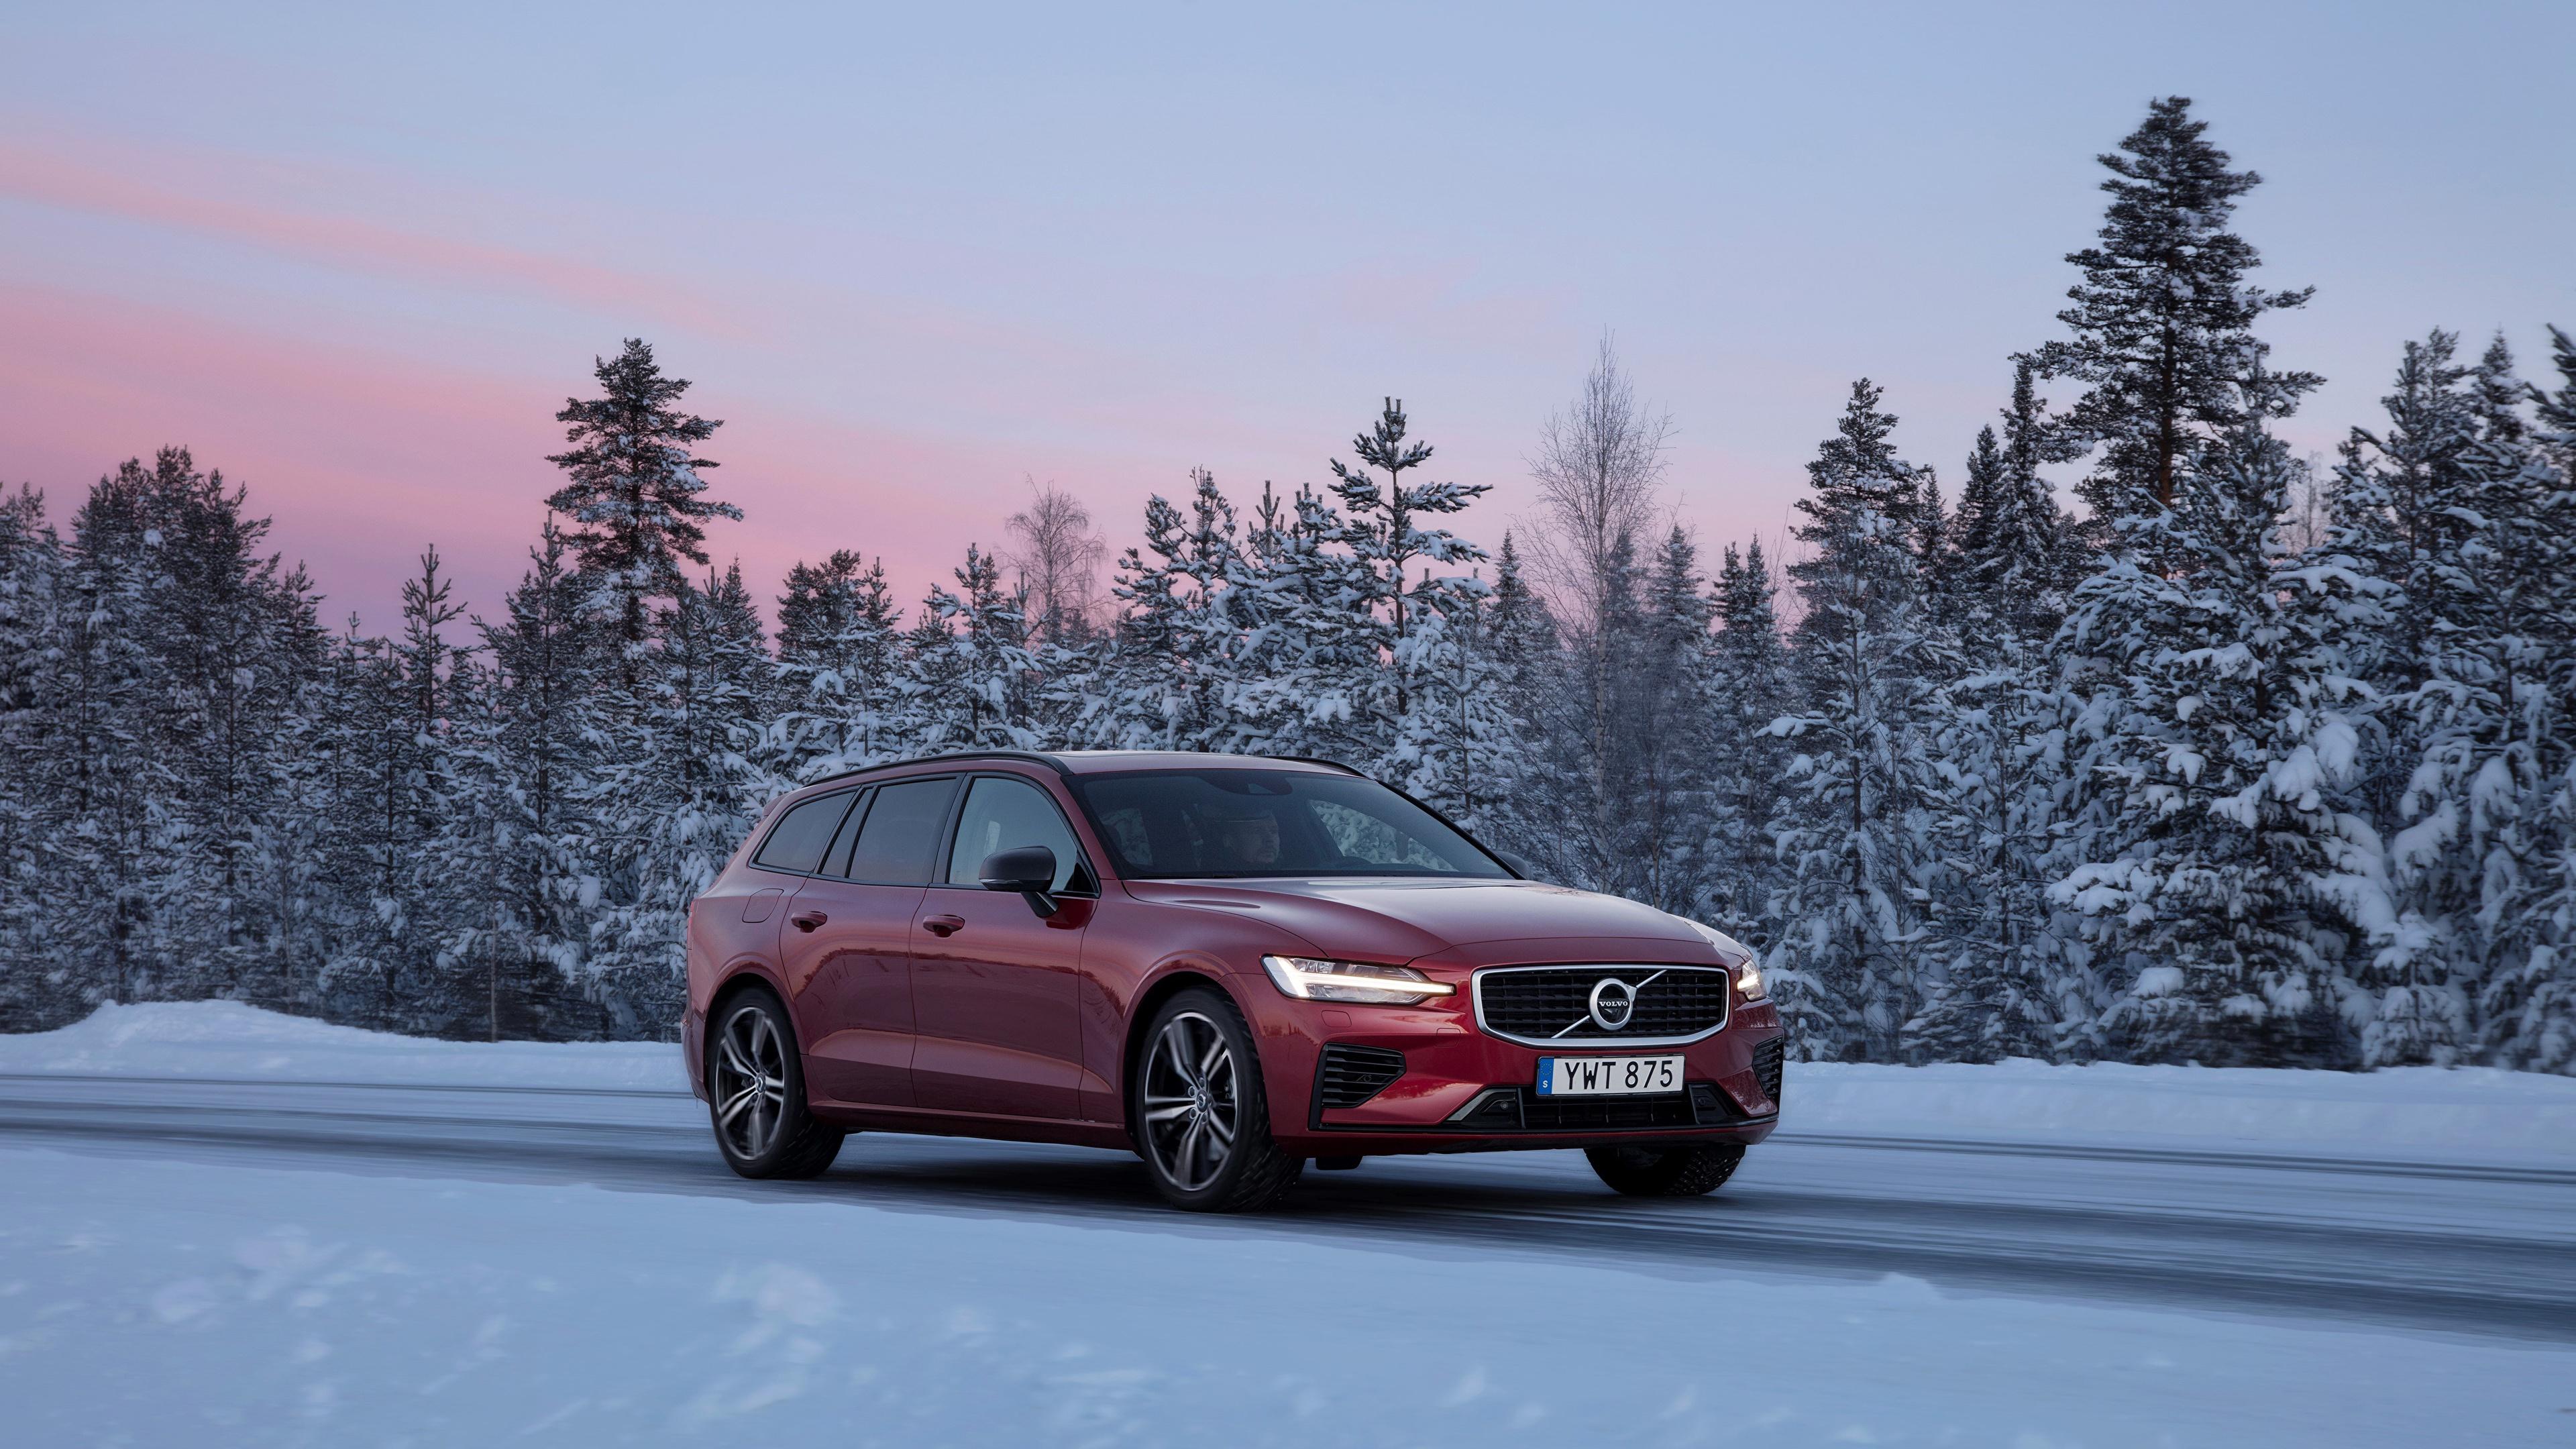 Картинки Вольво 2018-19 V60 T8 R-Design Worldwide бордовые авто Металлик 3840x2160 Volvo бордовая Бордовый темно красный машина машины автомобиль Автомобили